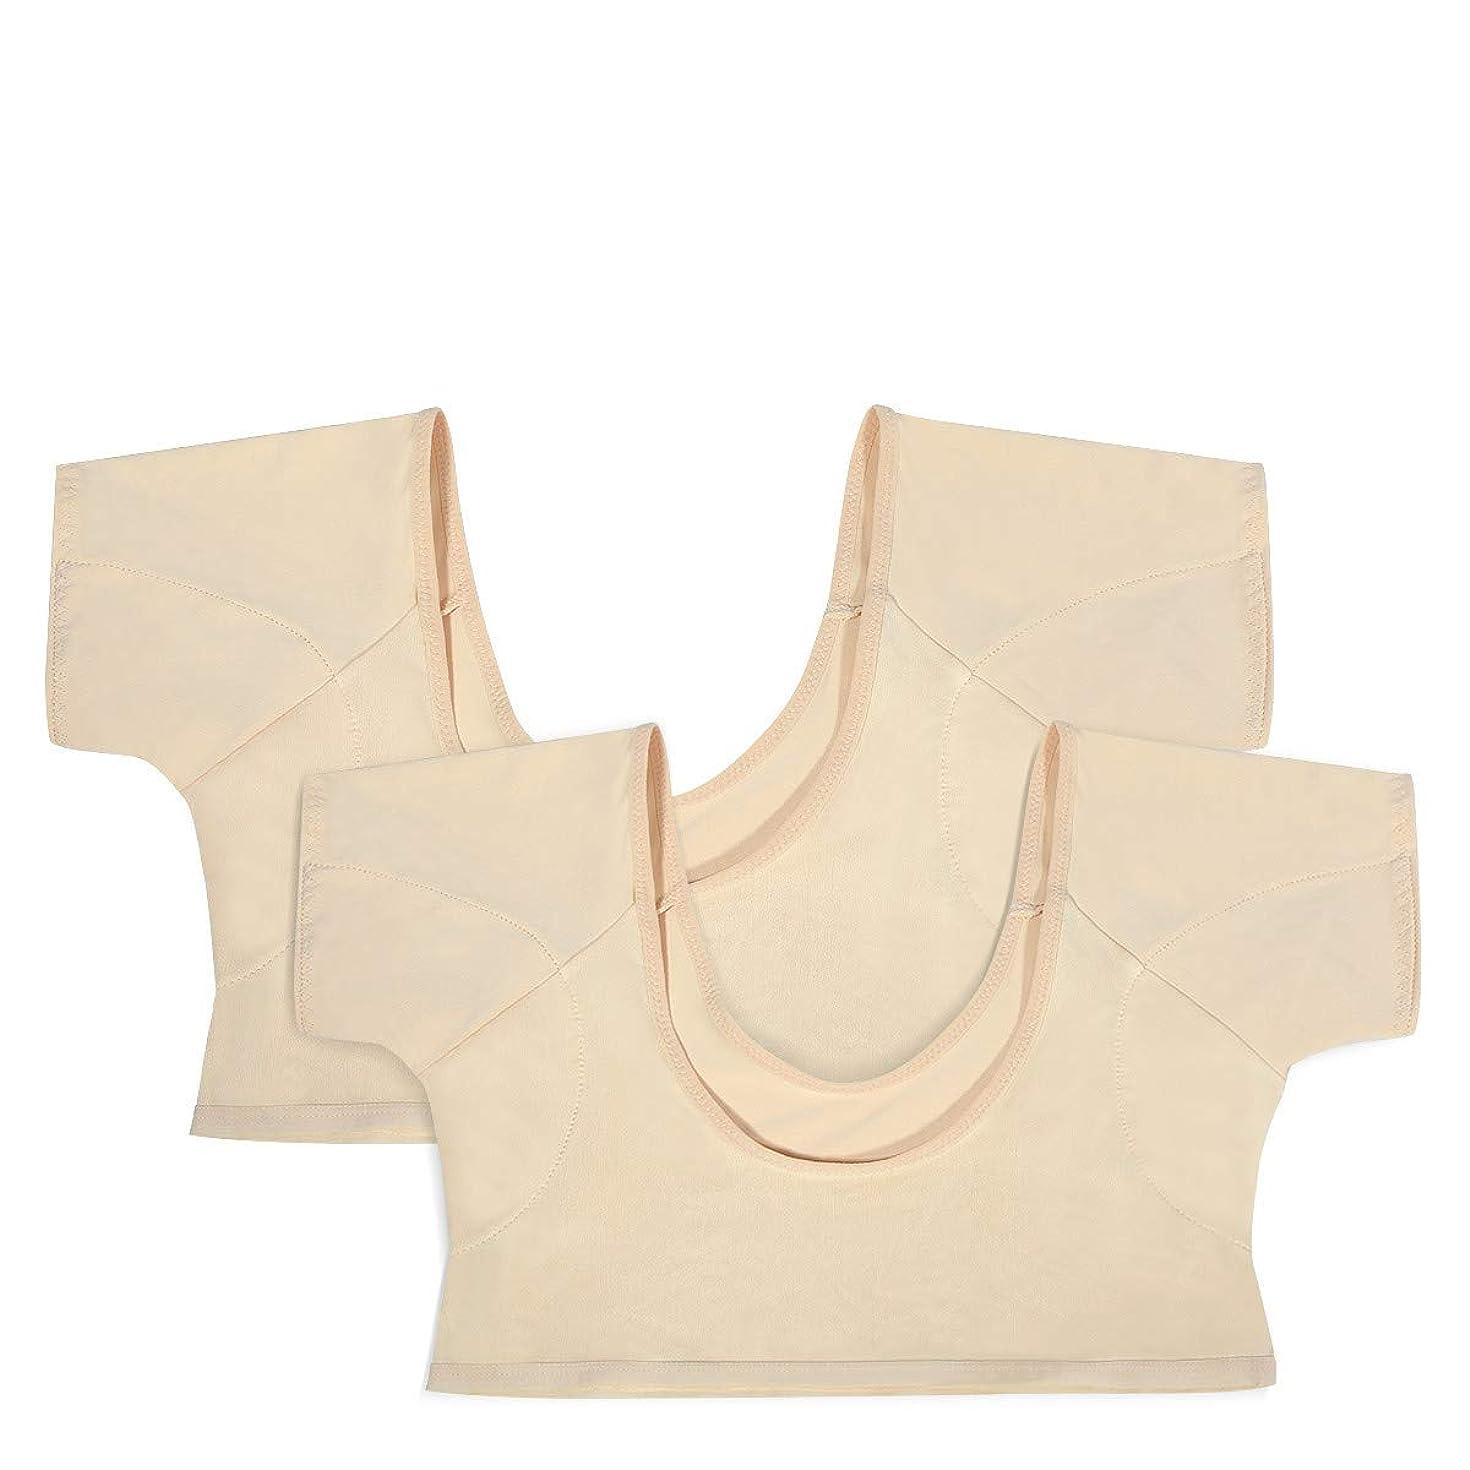 闘争音第二にLC-dolida 汗取りインナー 2枚組み レディースインナーシャツ 汗脇パッド付き ワキサラット ワキ汗対策 色透け難い 極薄い 吸水速乾 汗取りパッド(Mサイズ)